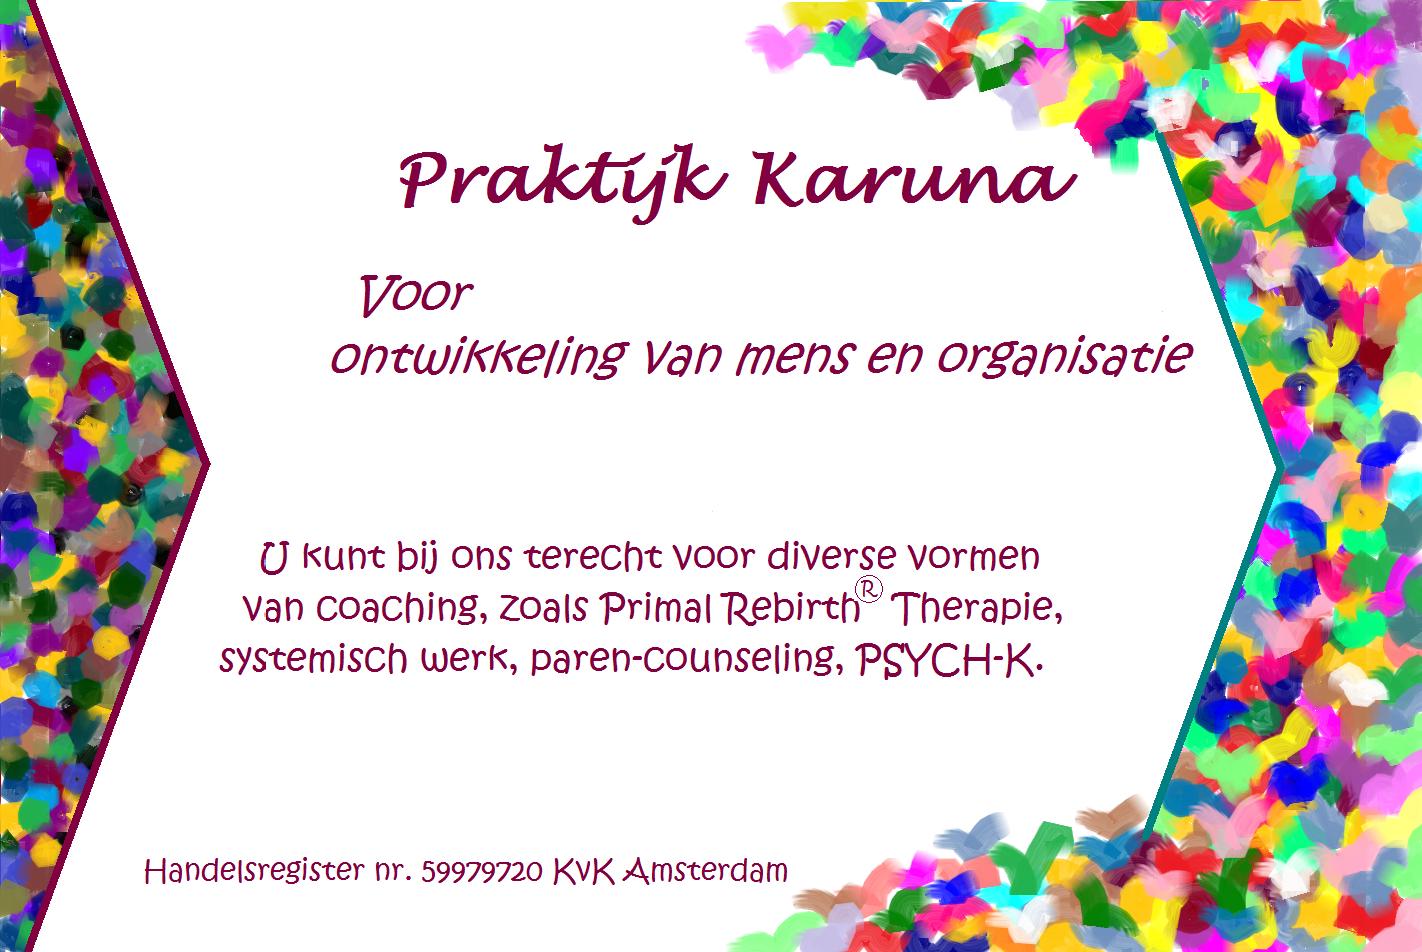 visitekaartje - Praktijk Karuna voorzijde - VistaPrint versie 30dec2015